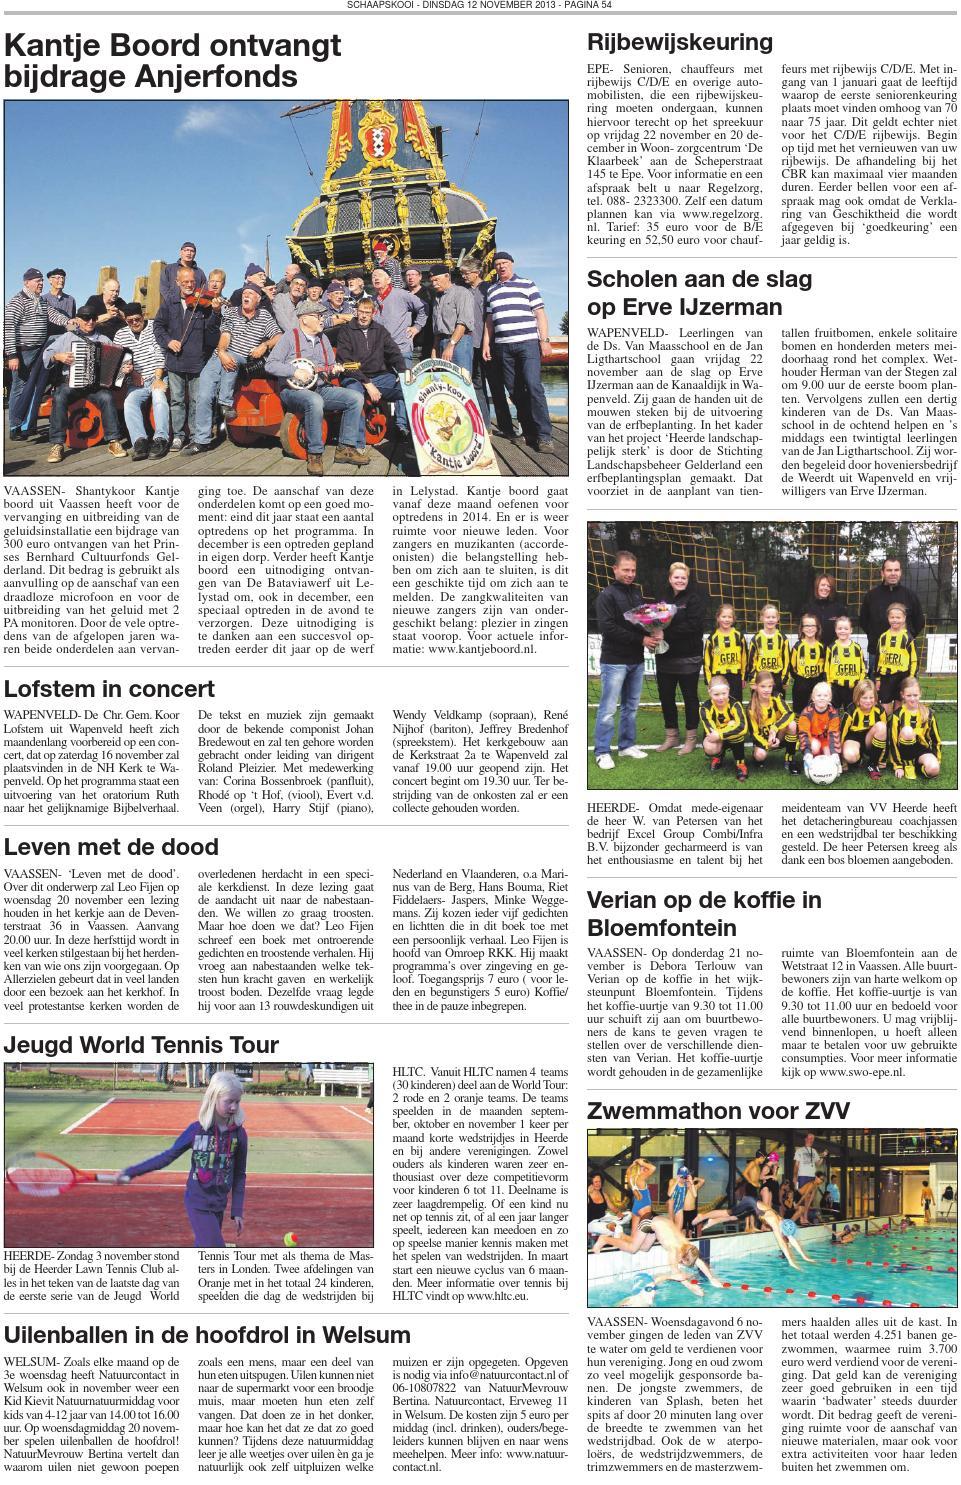 Schaapskooi Week 46 2013 By Schaapskooi Issuu